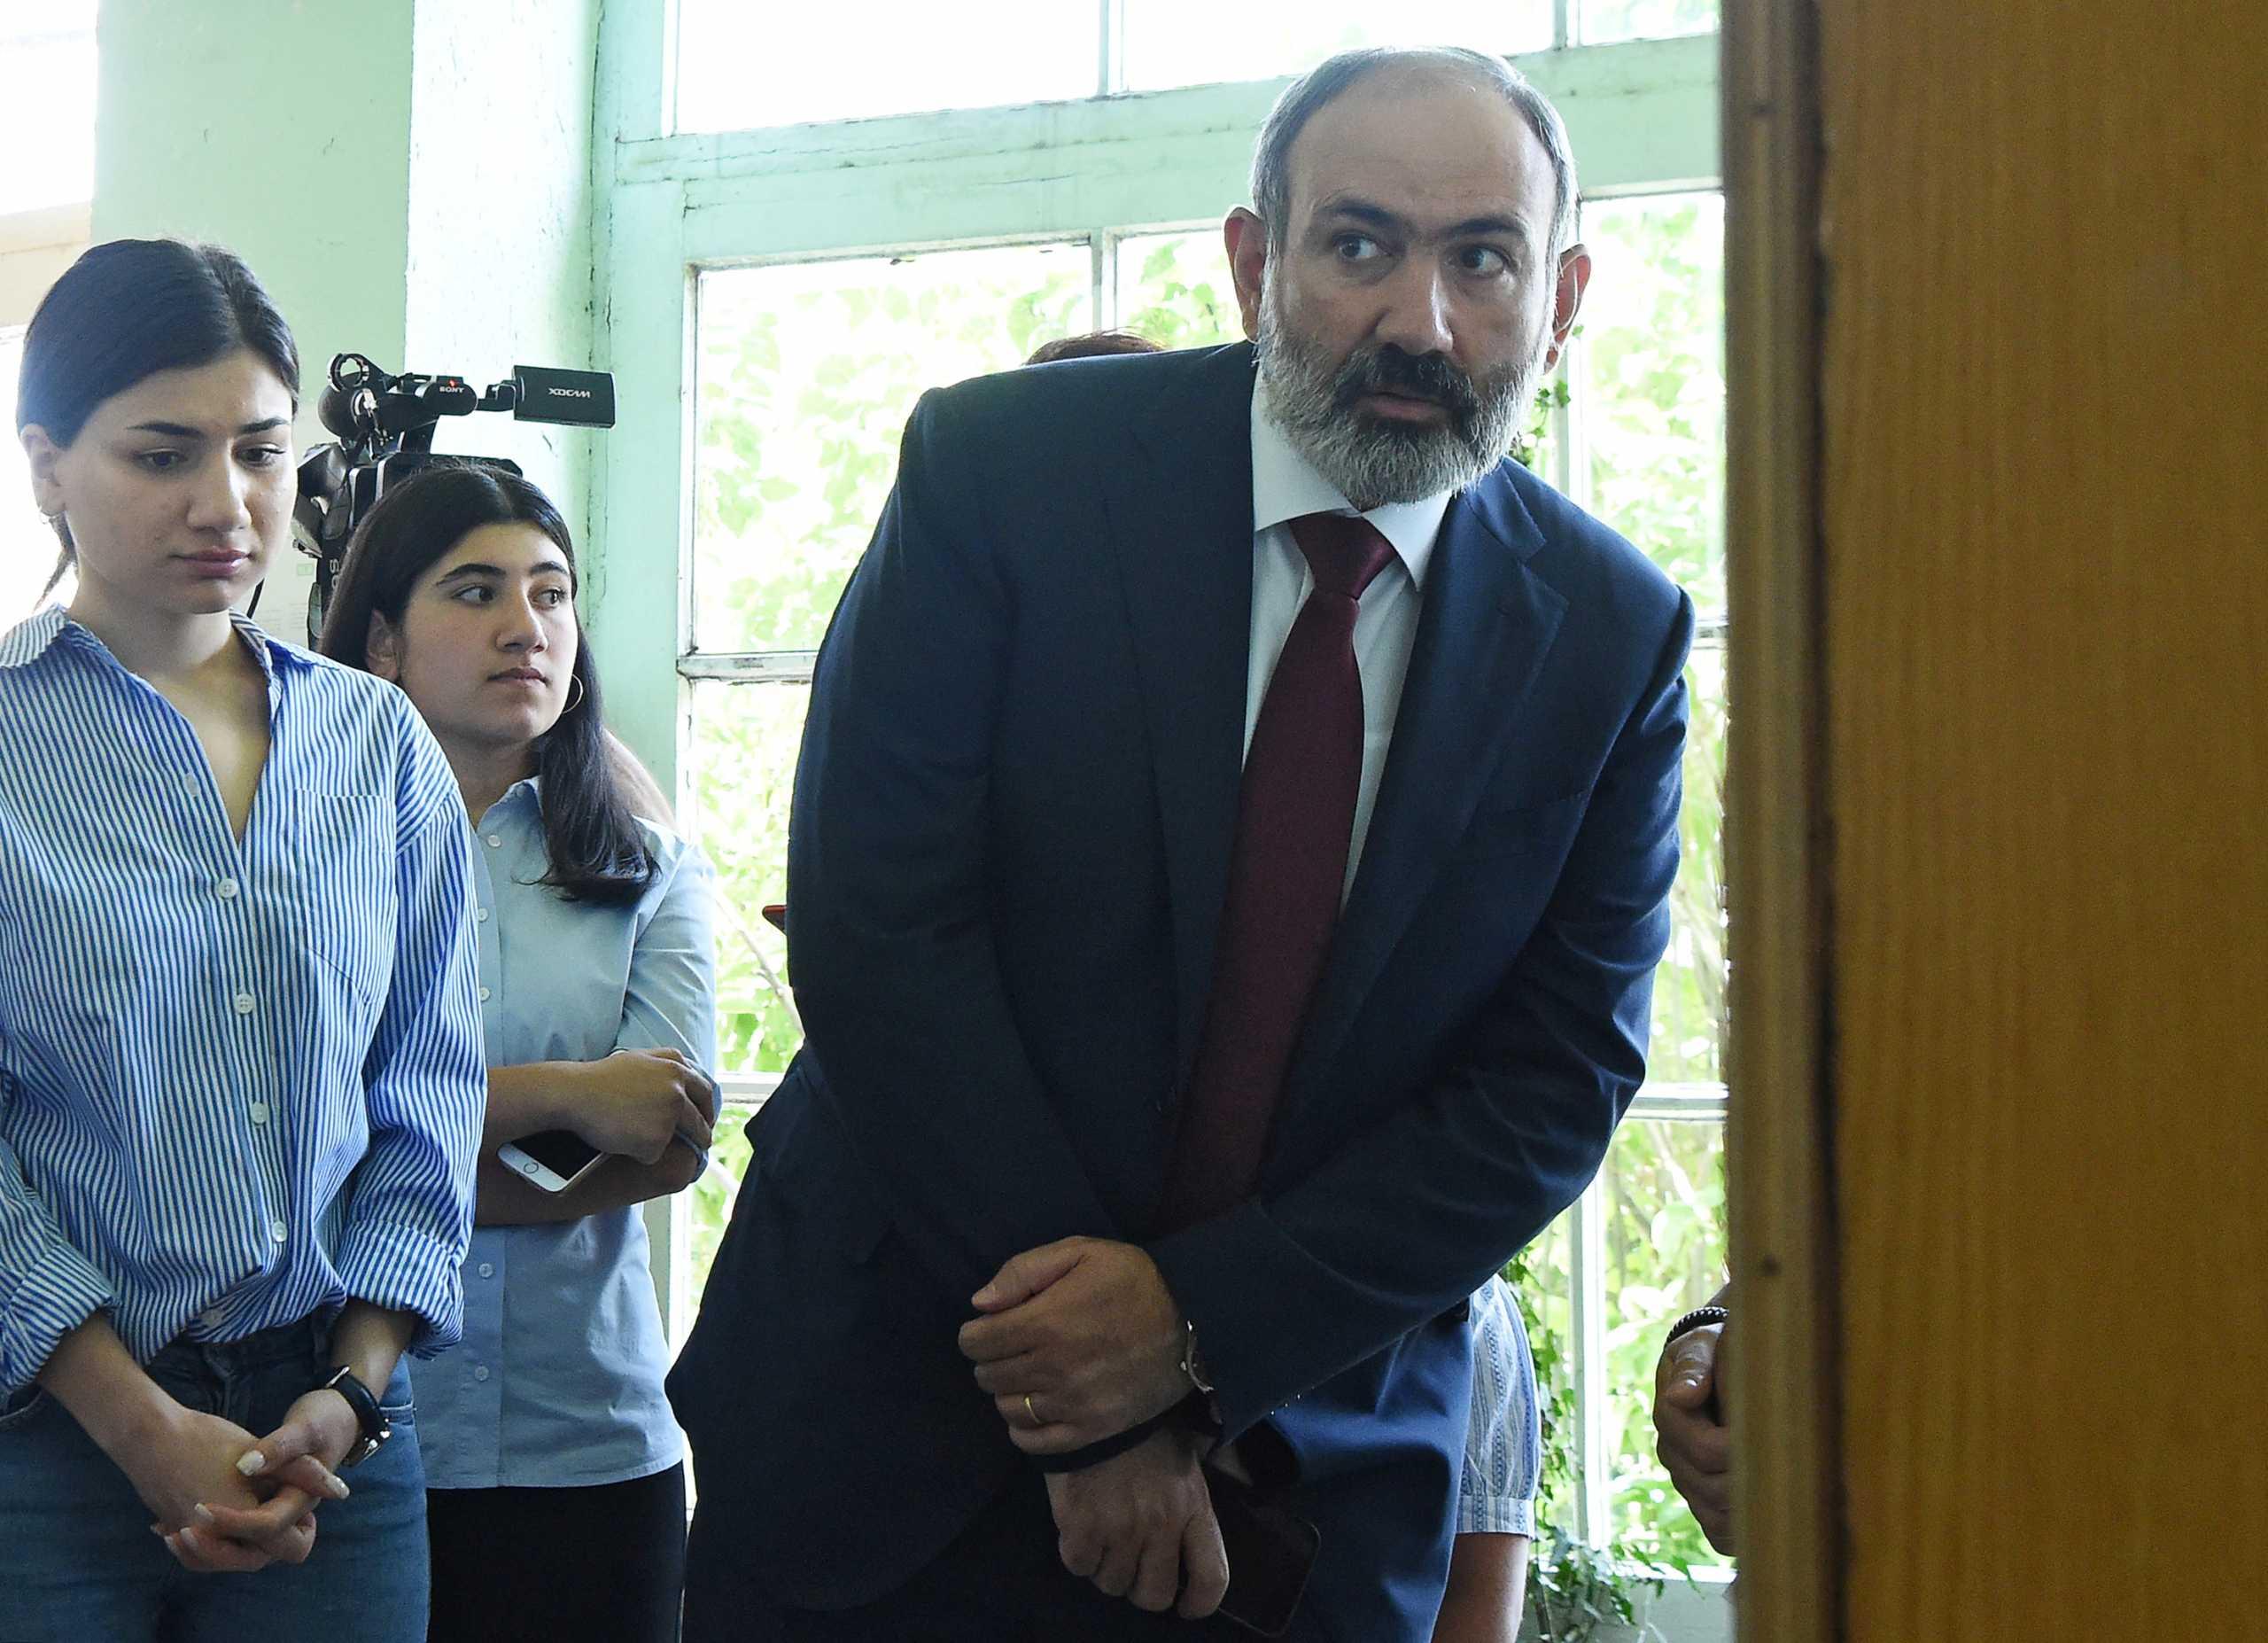 Αρμενία: Ο Πασινιάν κέρδισε τις εκλογές – «Φωνές» της αντιπολίτευσης για νοθεία